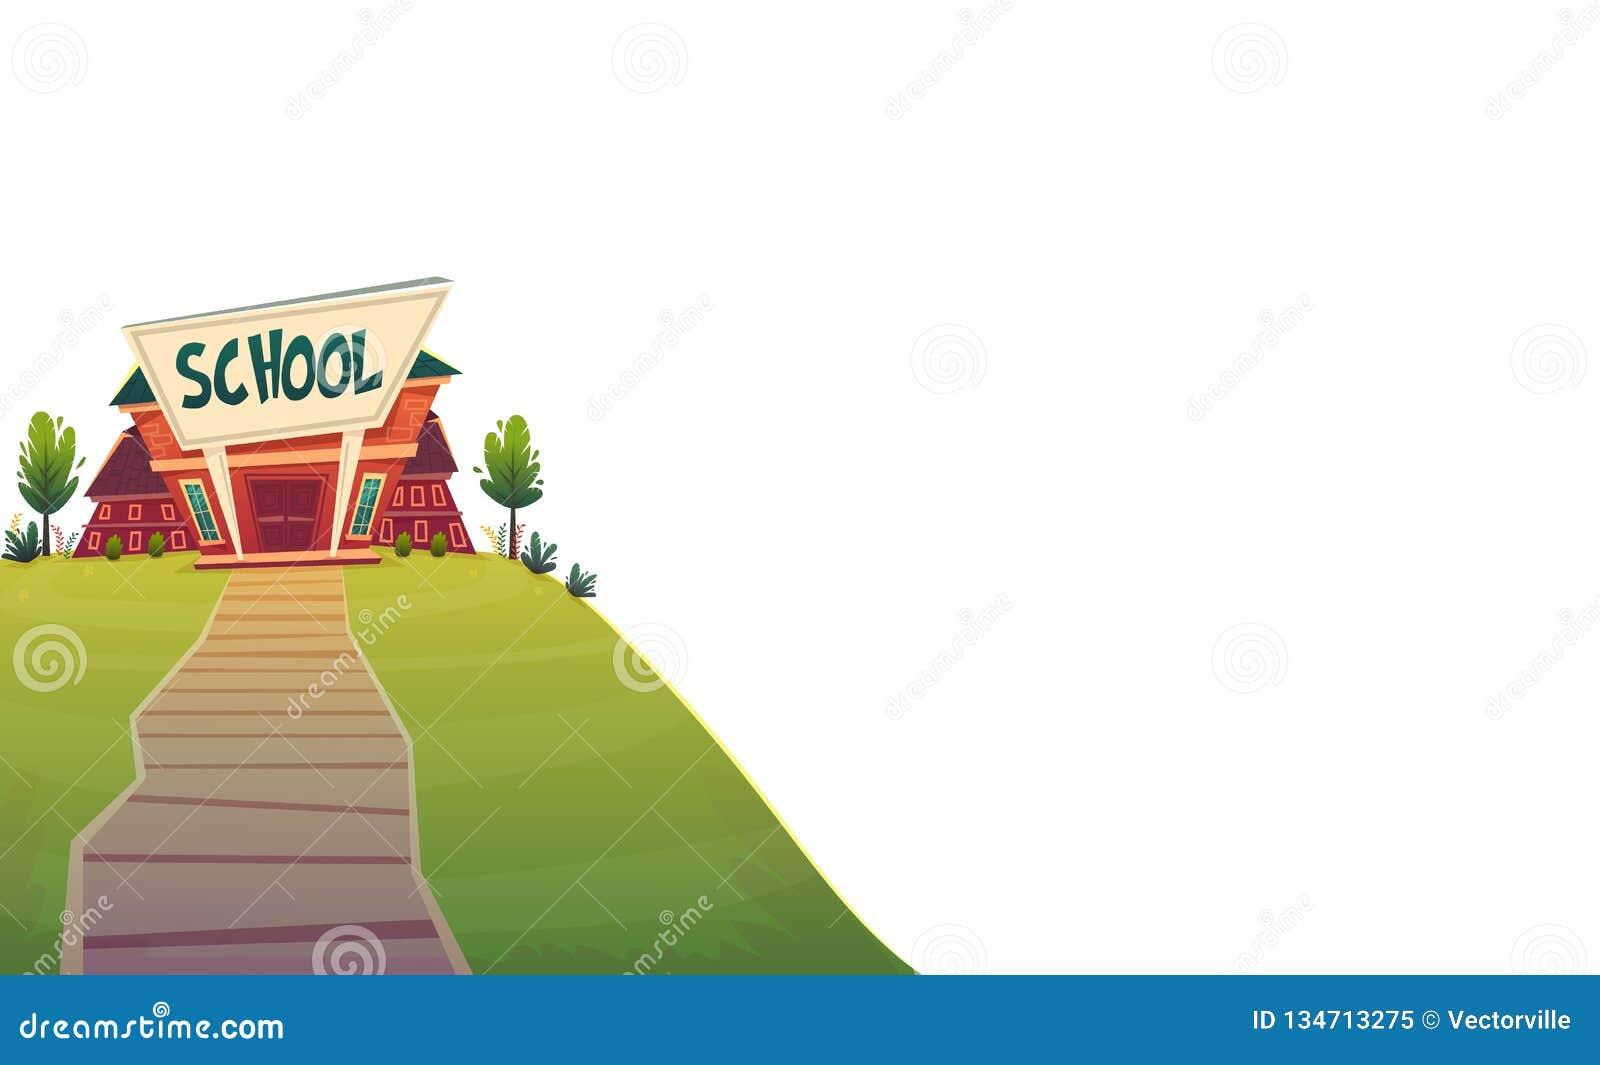 школа день предпосылки мультфильма знания смешной, теплой предусматрива карты образования осени в красных зеленых ярких цветах из